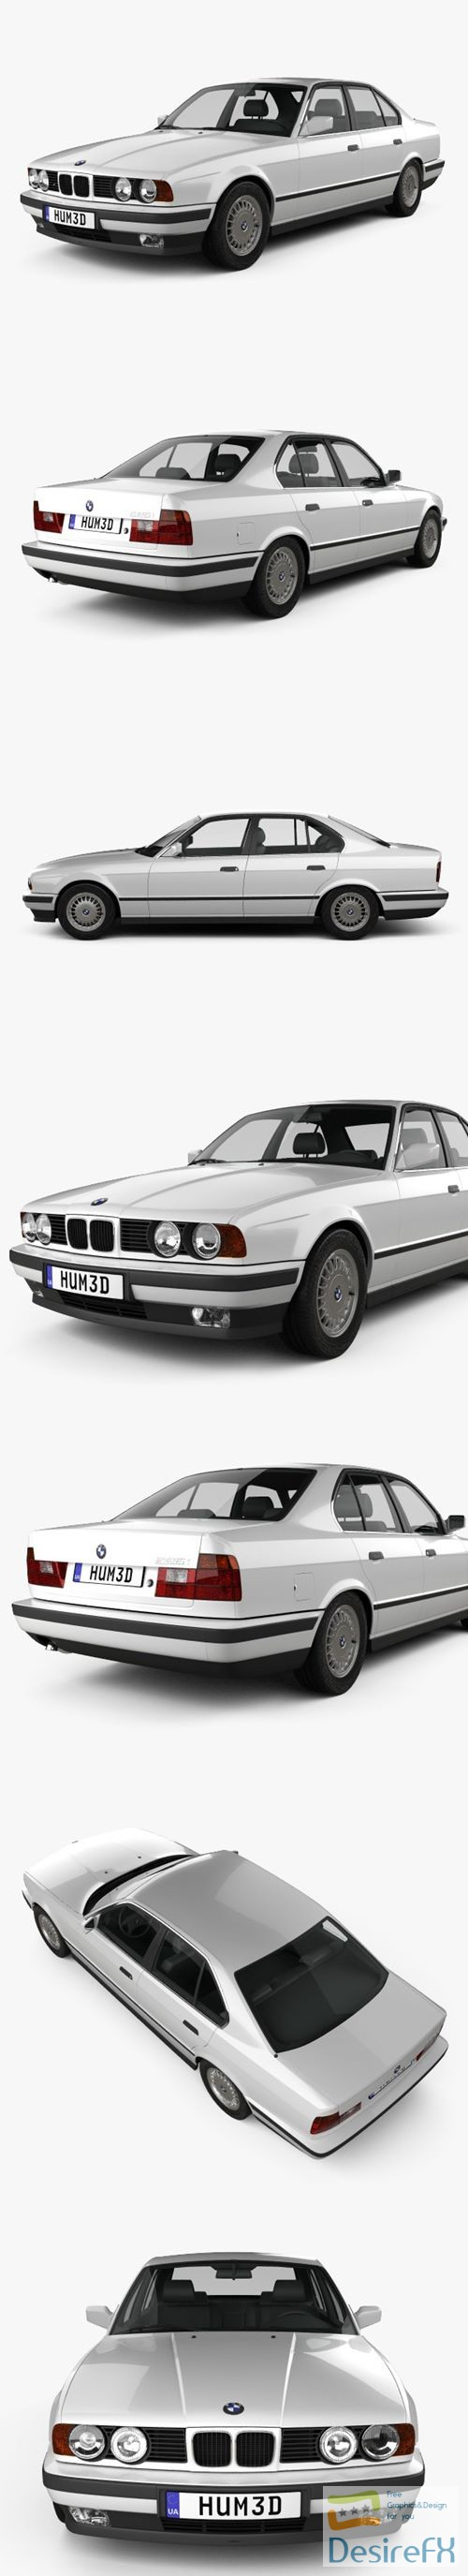 3d-models - BMW 5 Series sedan (E34) 1993 3D Model